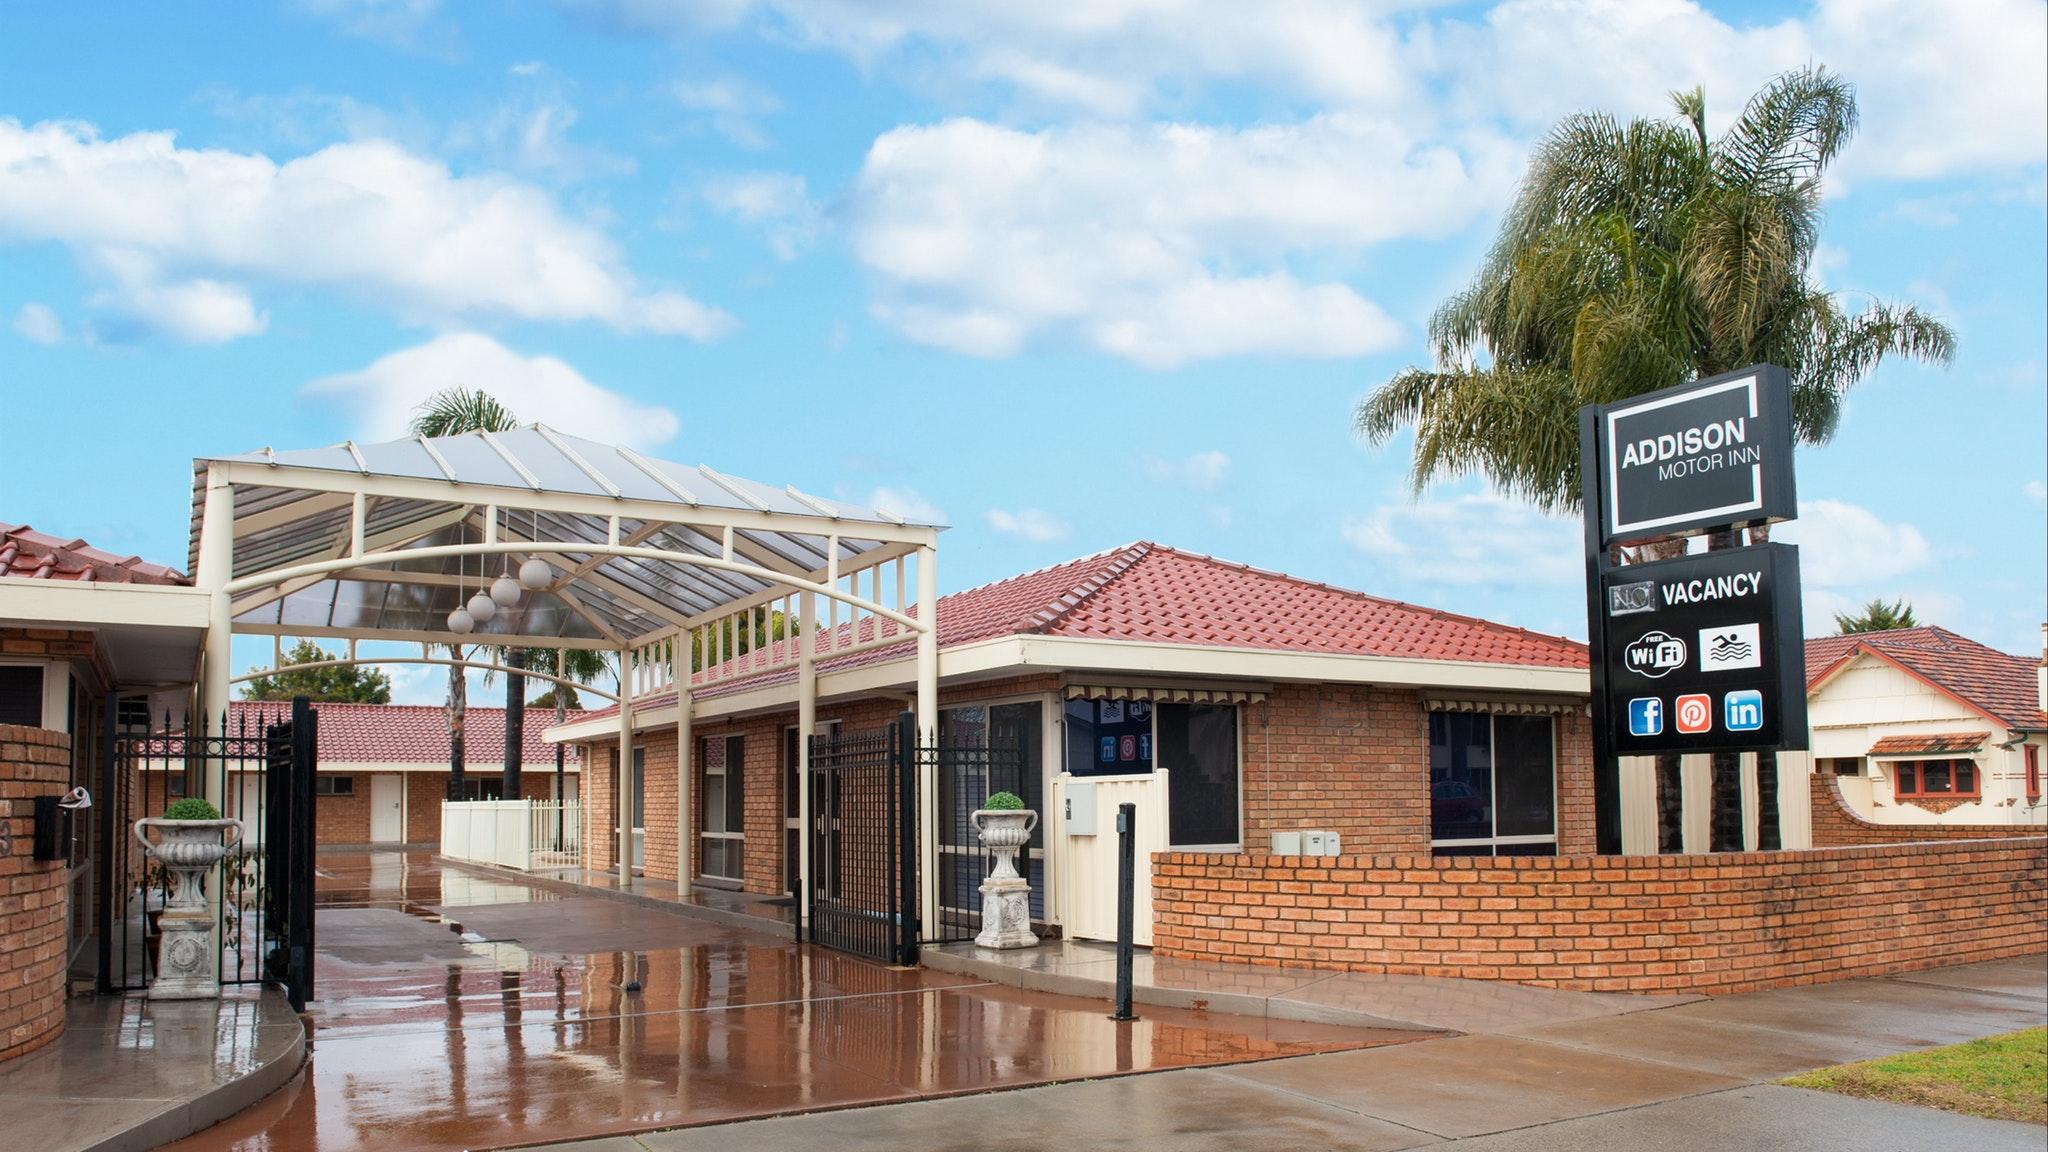 Entrance of Addison Motor Inn